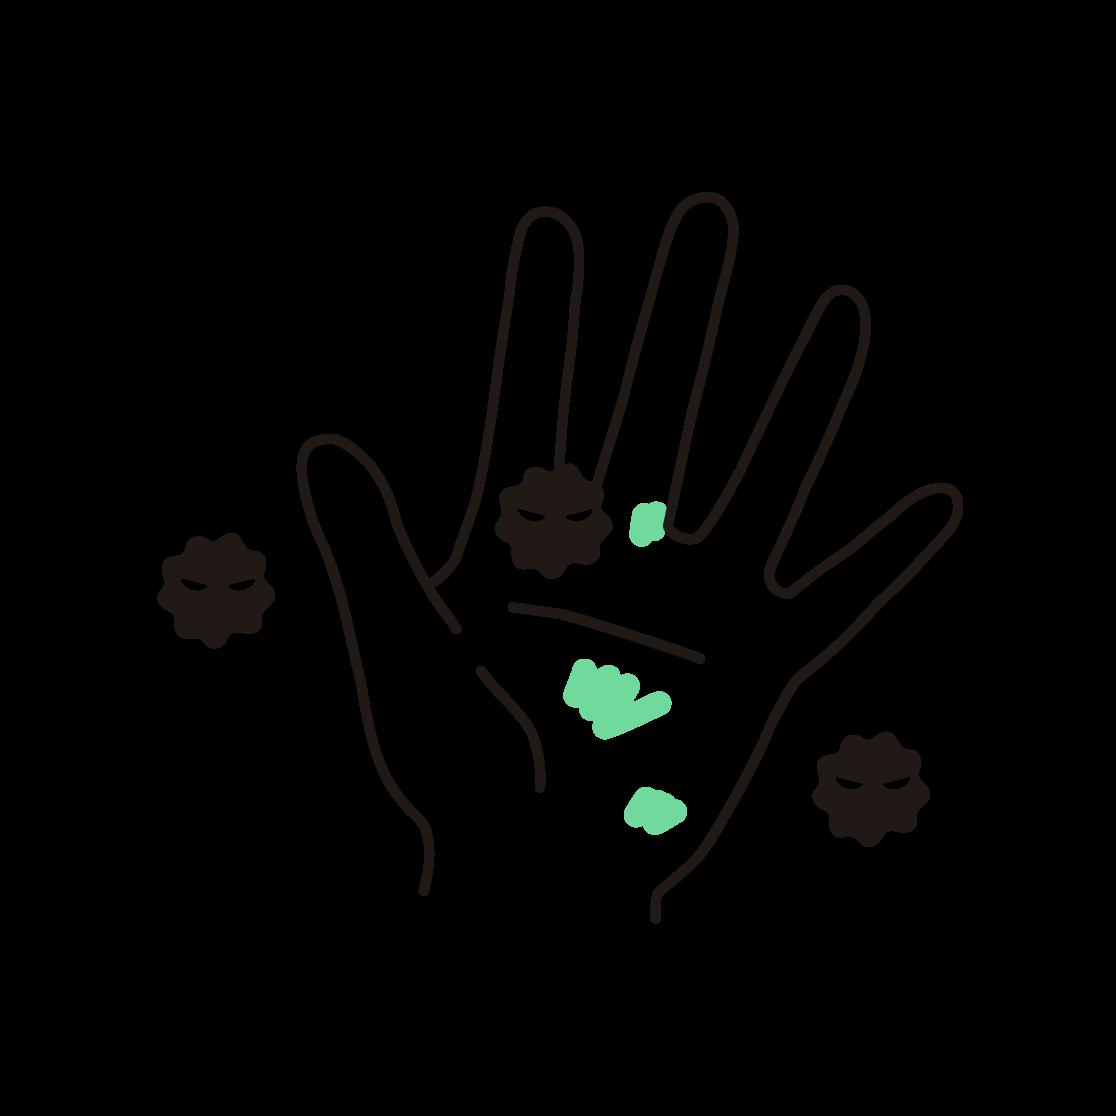 汚れた手の単色イラスト